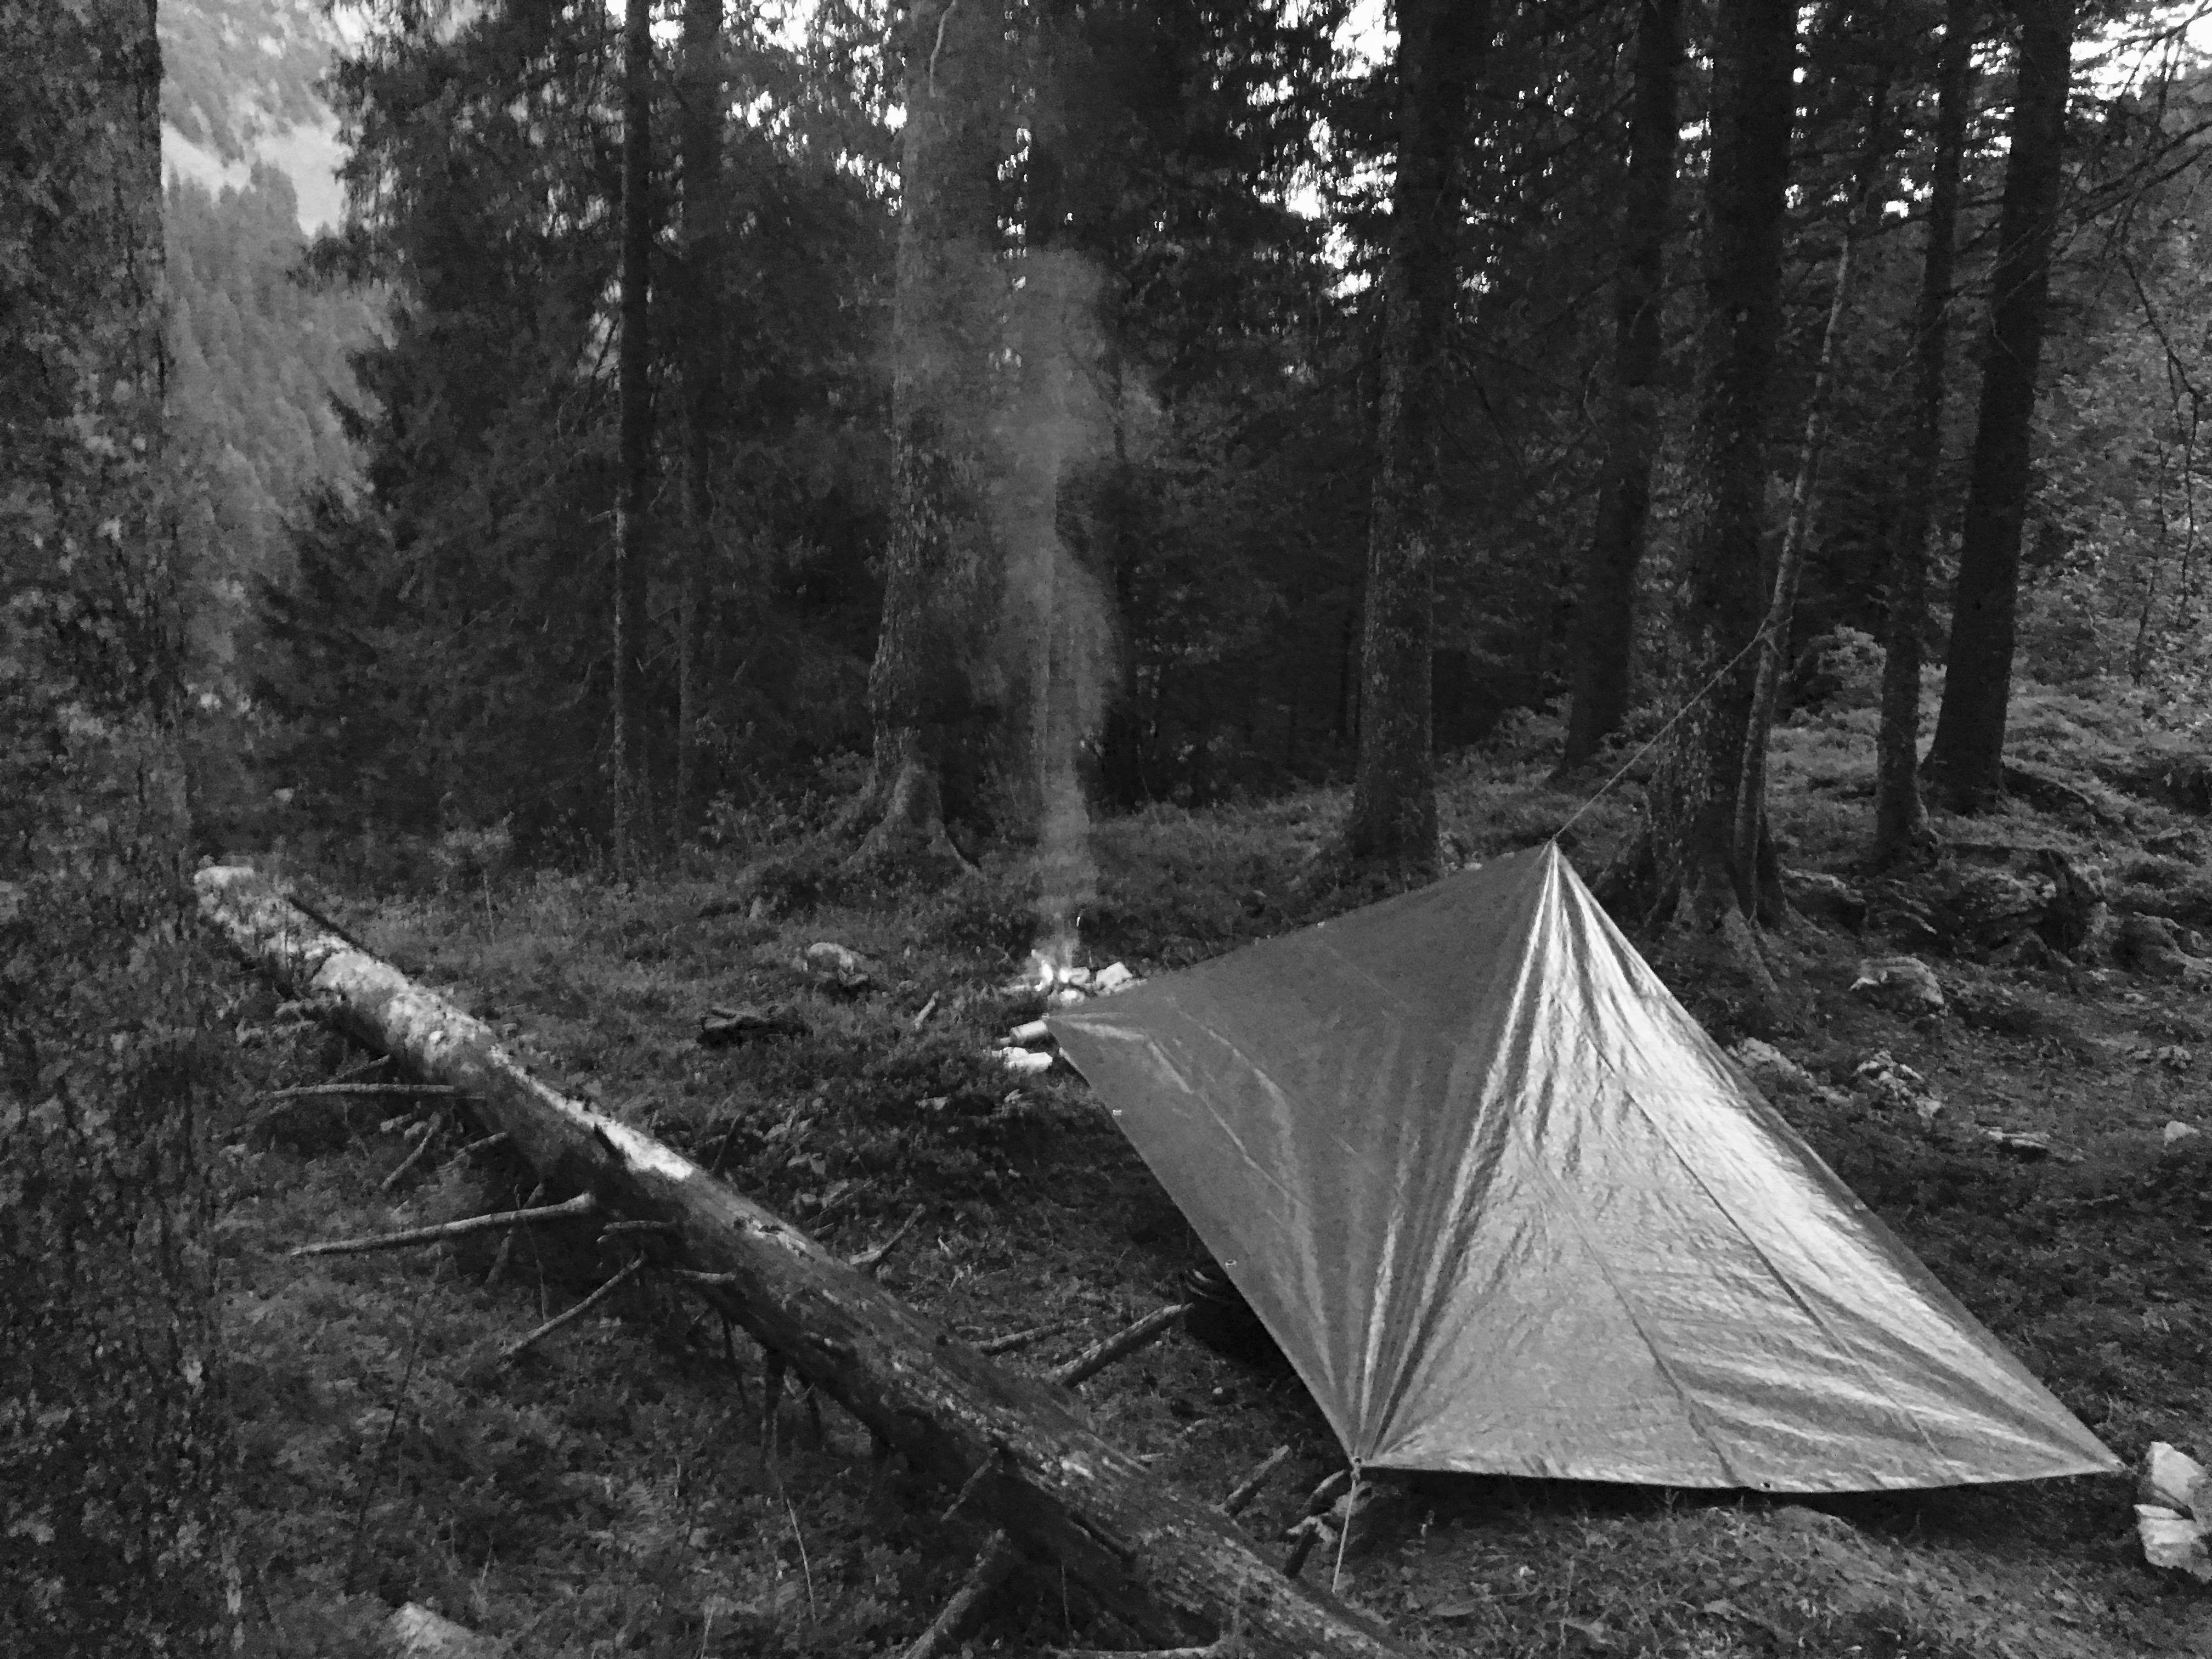 Wo schlägst du dein Zelt auf?